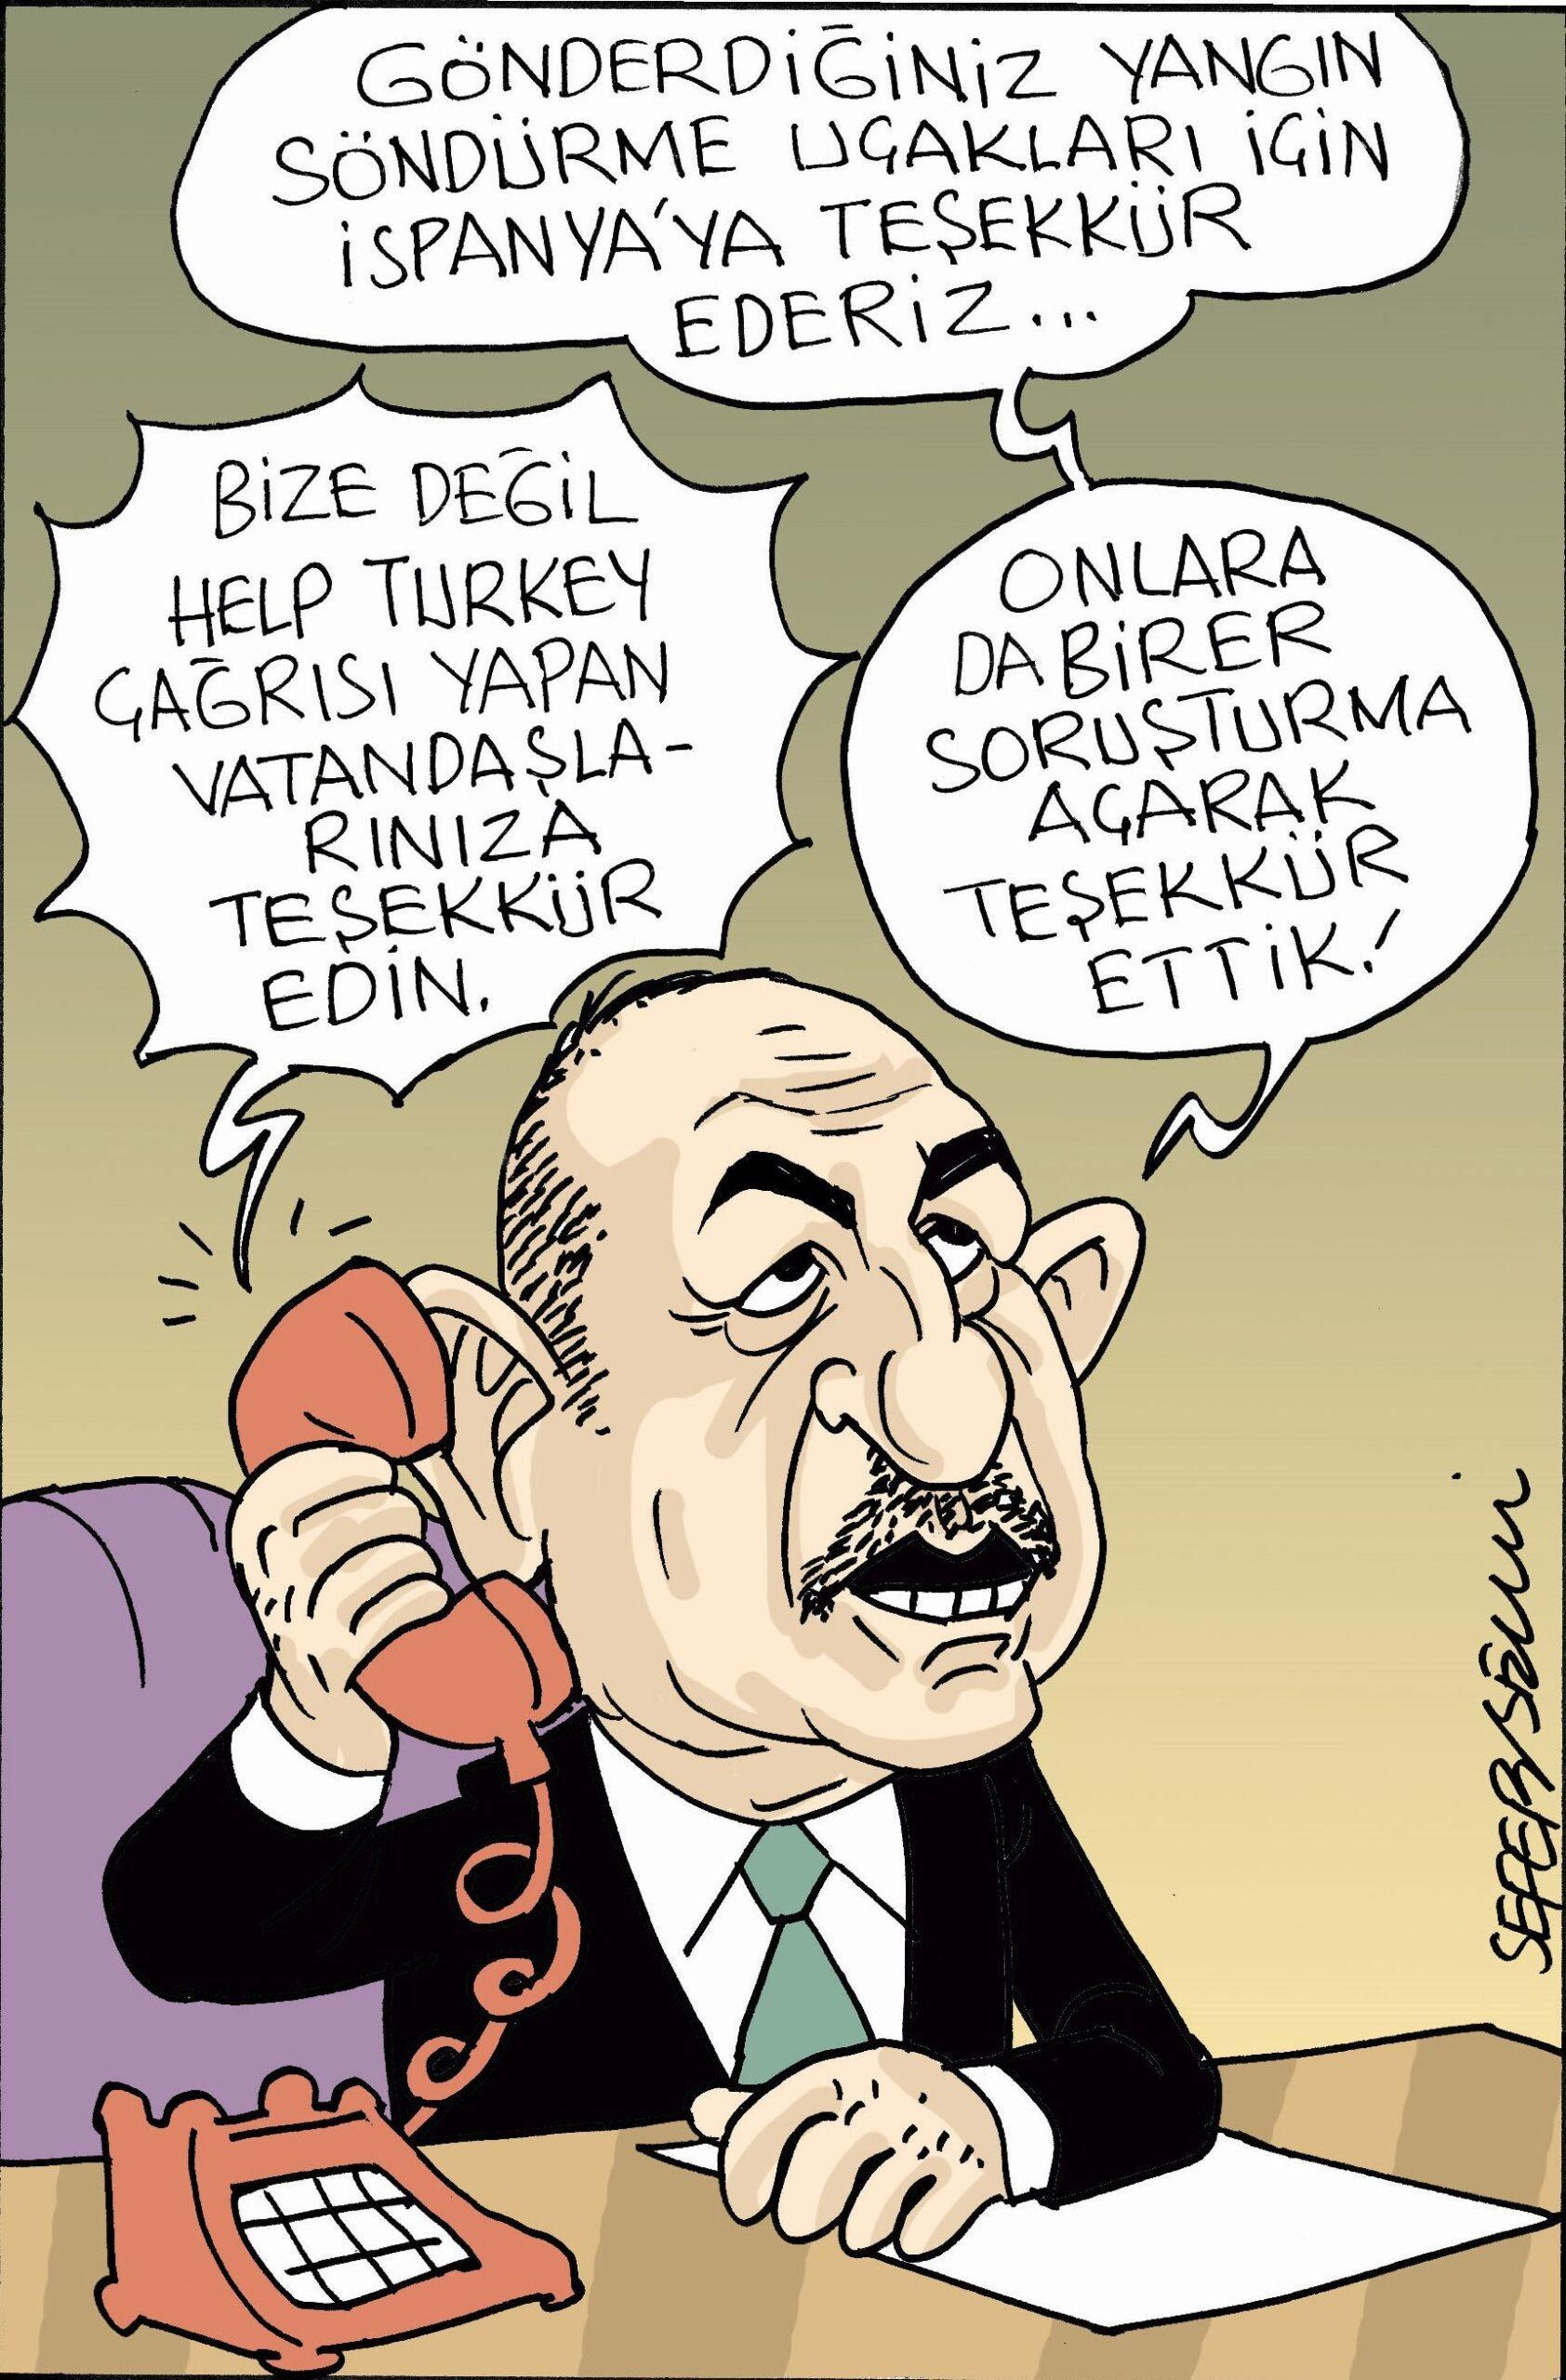 Türkiye, 'Help Turkey' hashtag'inin sahiplerini tutukladı!